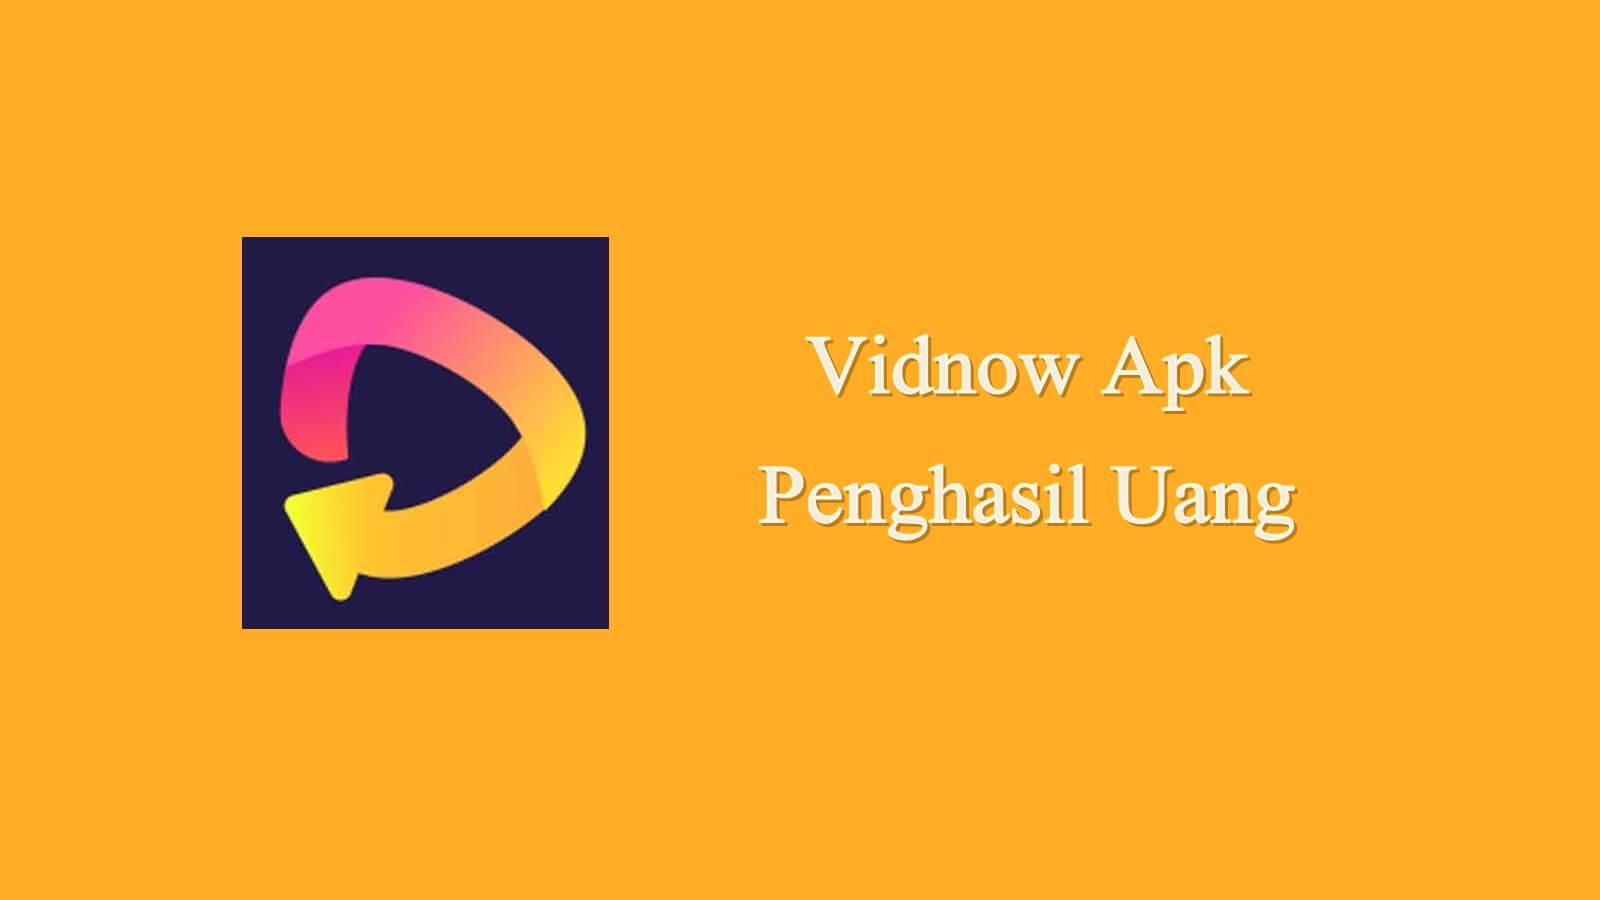 Vidnow Apk Penghasil Uang Apakah Aman atau Penipuan? Ini Faktanya